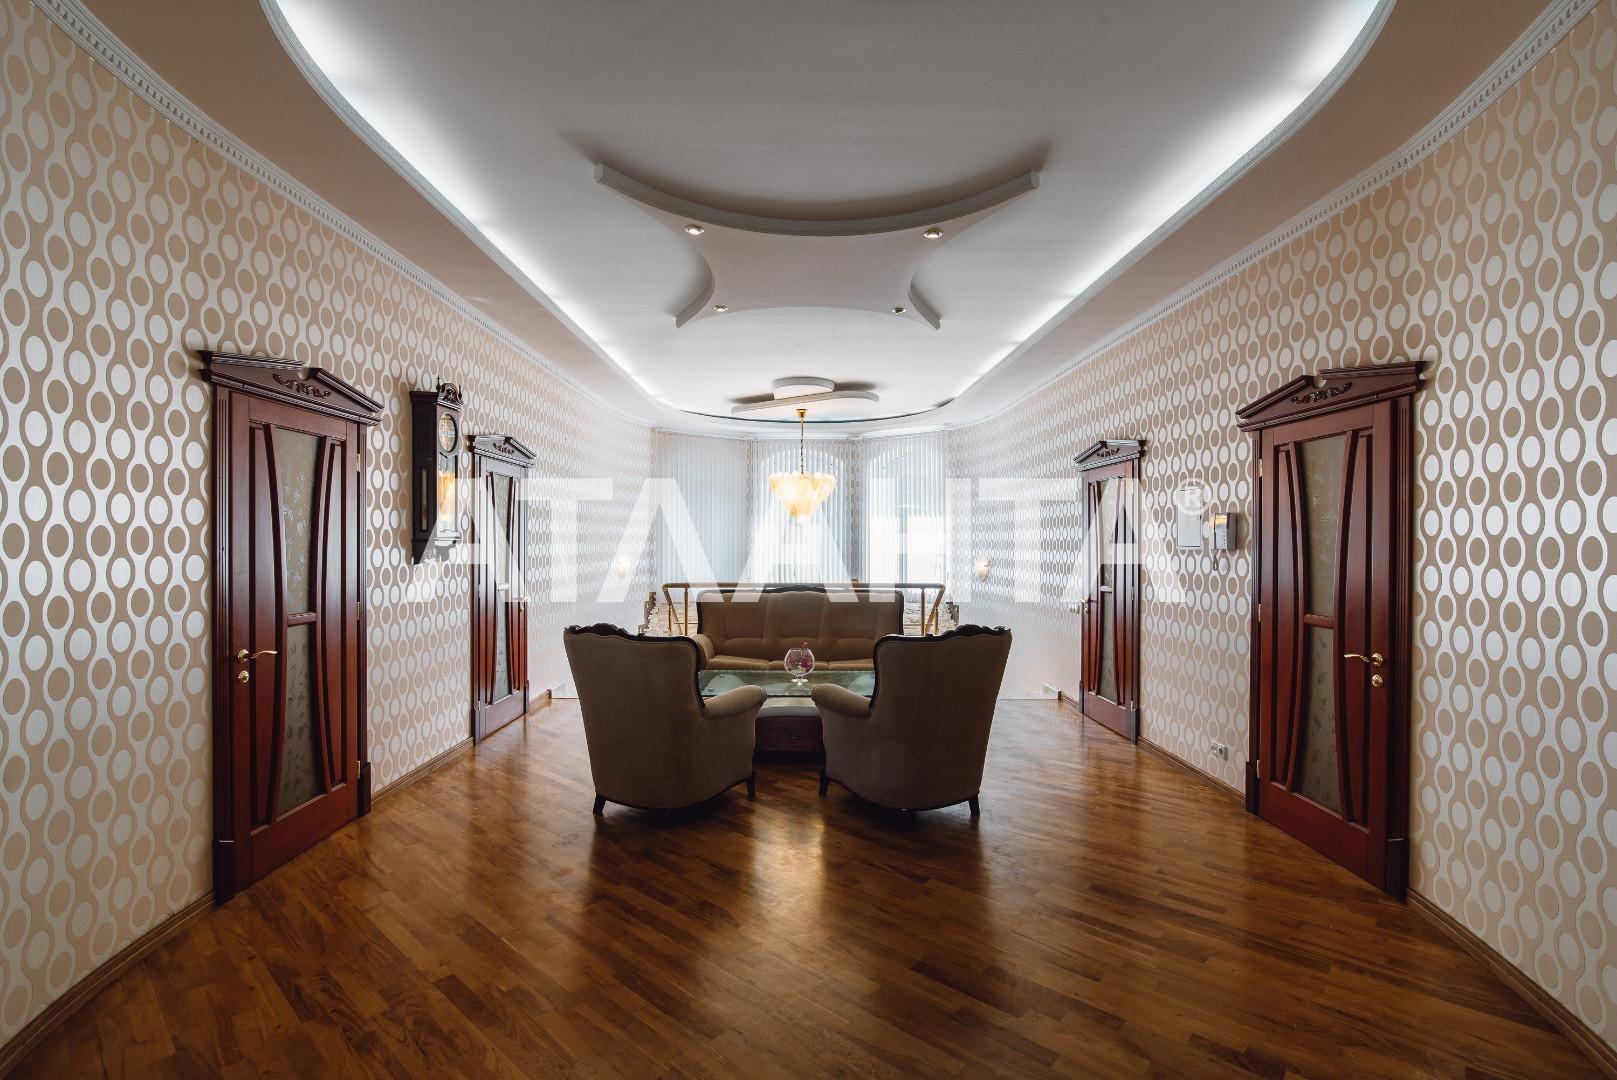 Продается Дом на ул. Аркадиевский Пер. — 1 300 000 у.е. (фото №13)